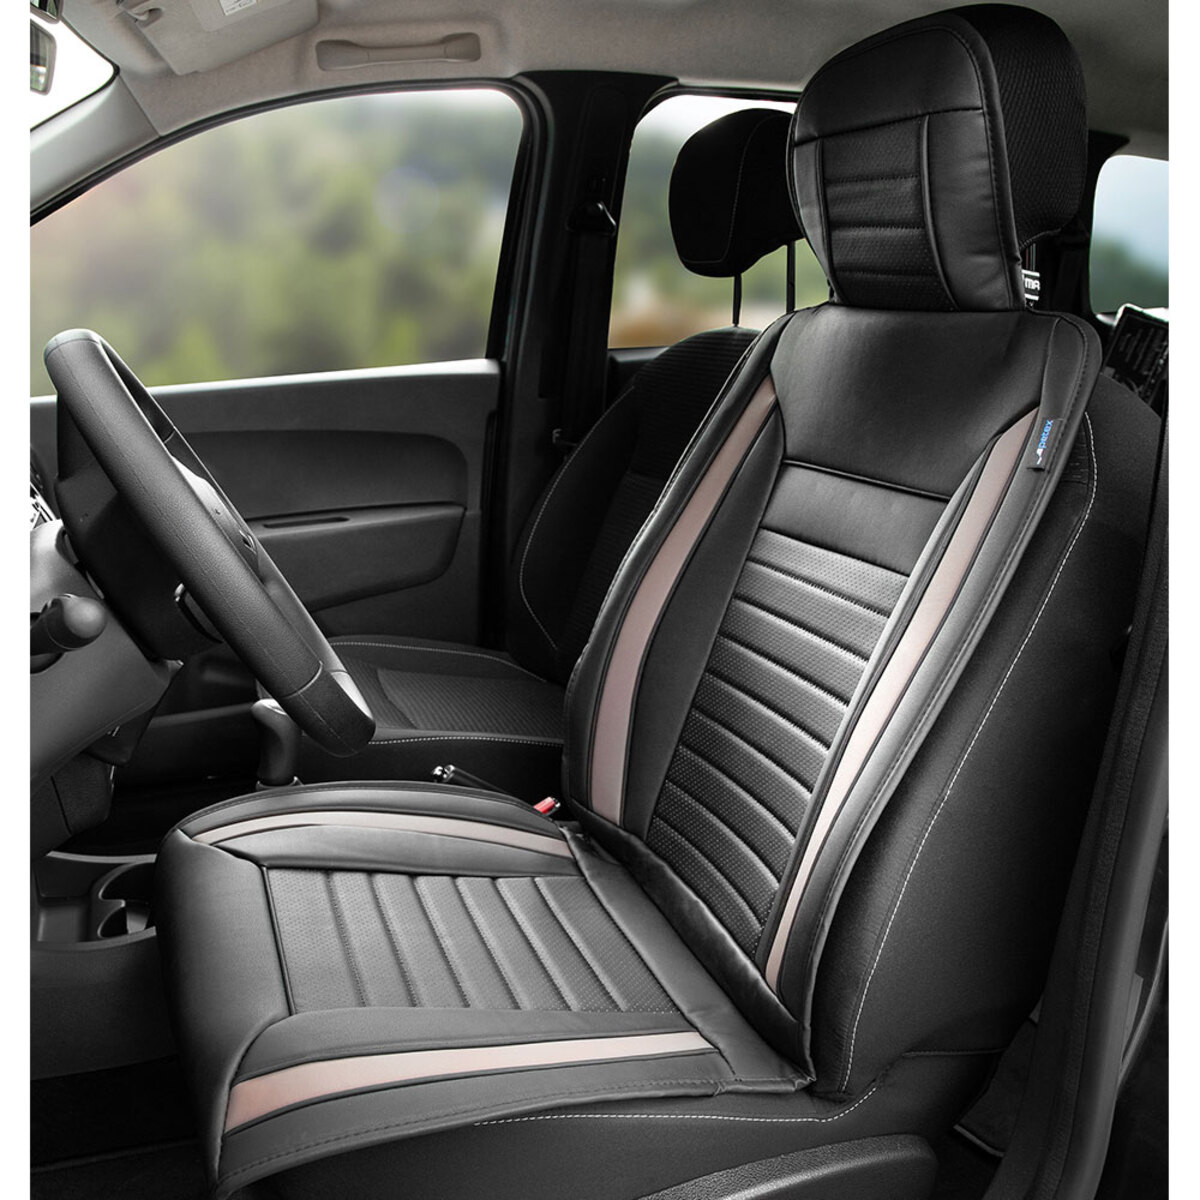 Bild 2 von Diamond Car Premium-Autositzauflage, Grau